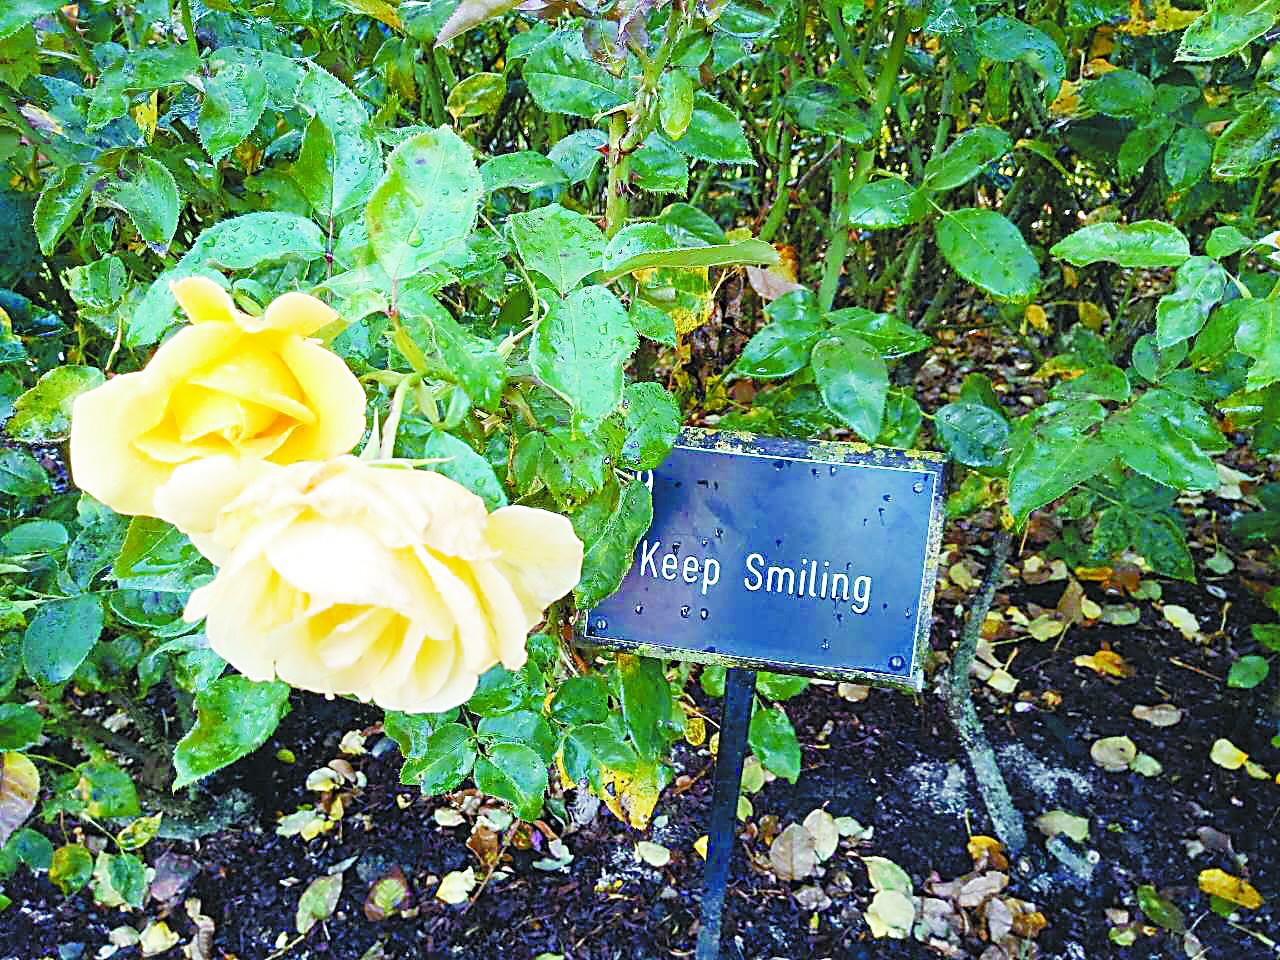 伦敦玫瑰园 花名尤胜花香